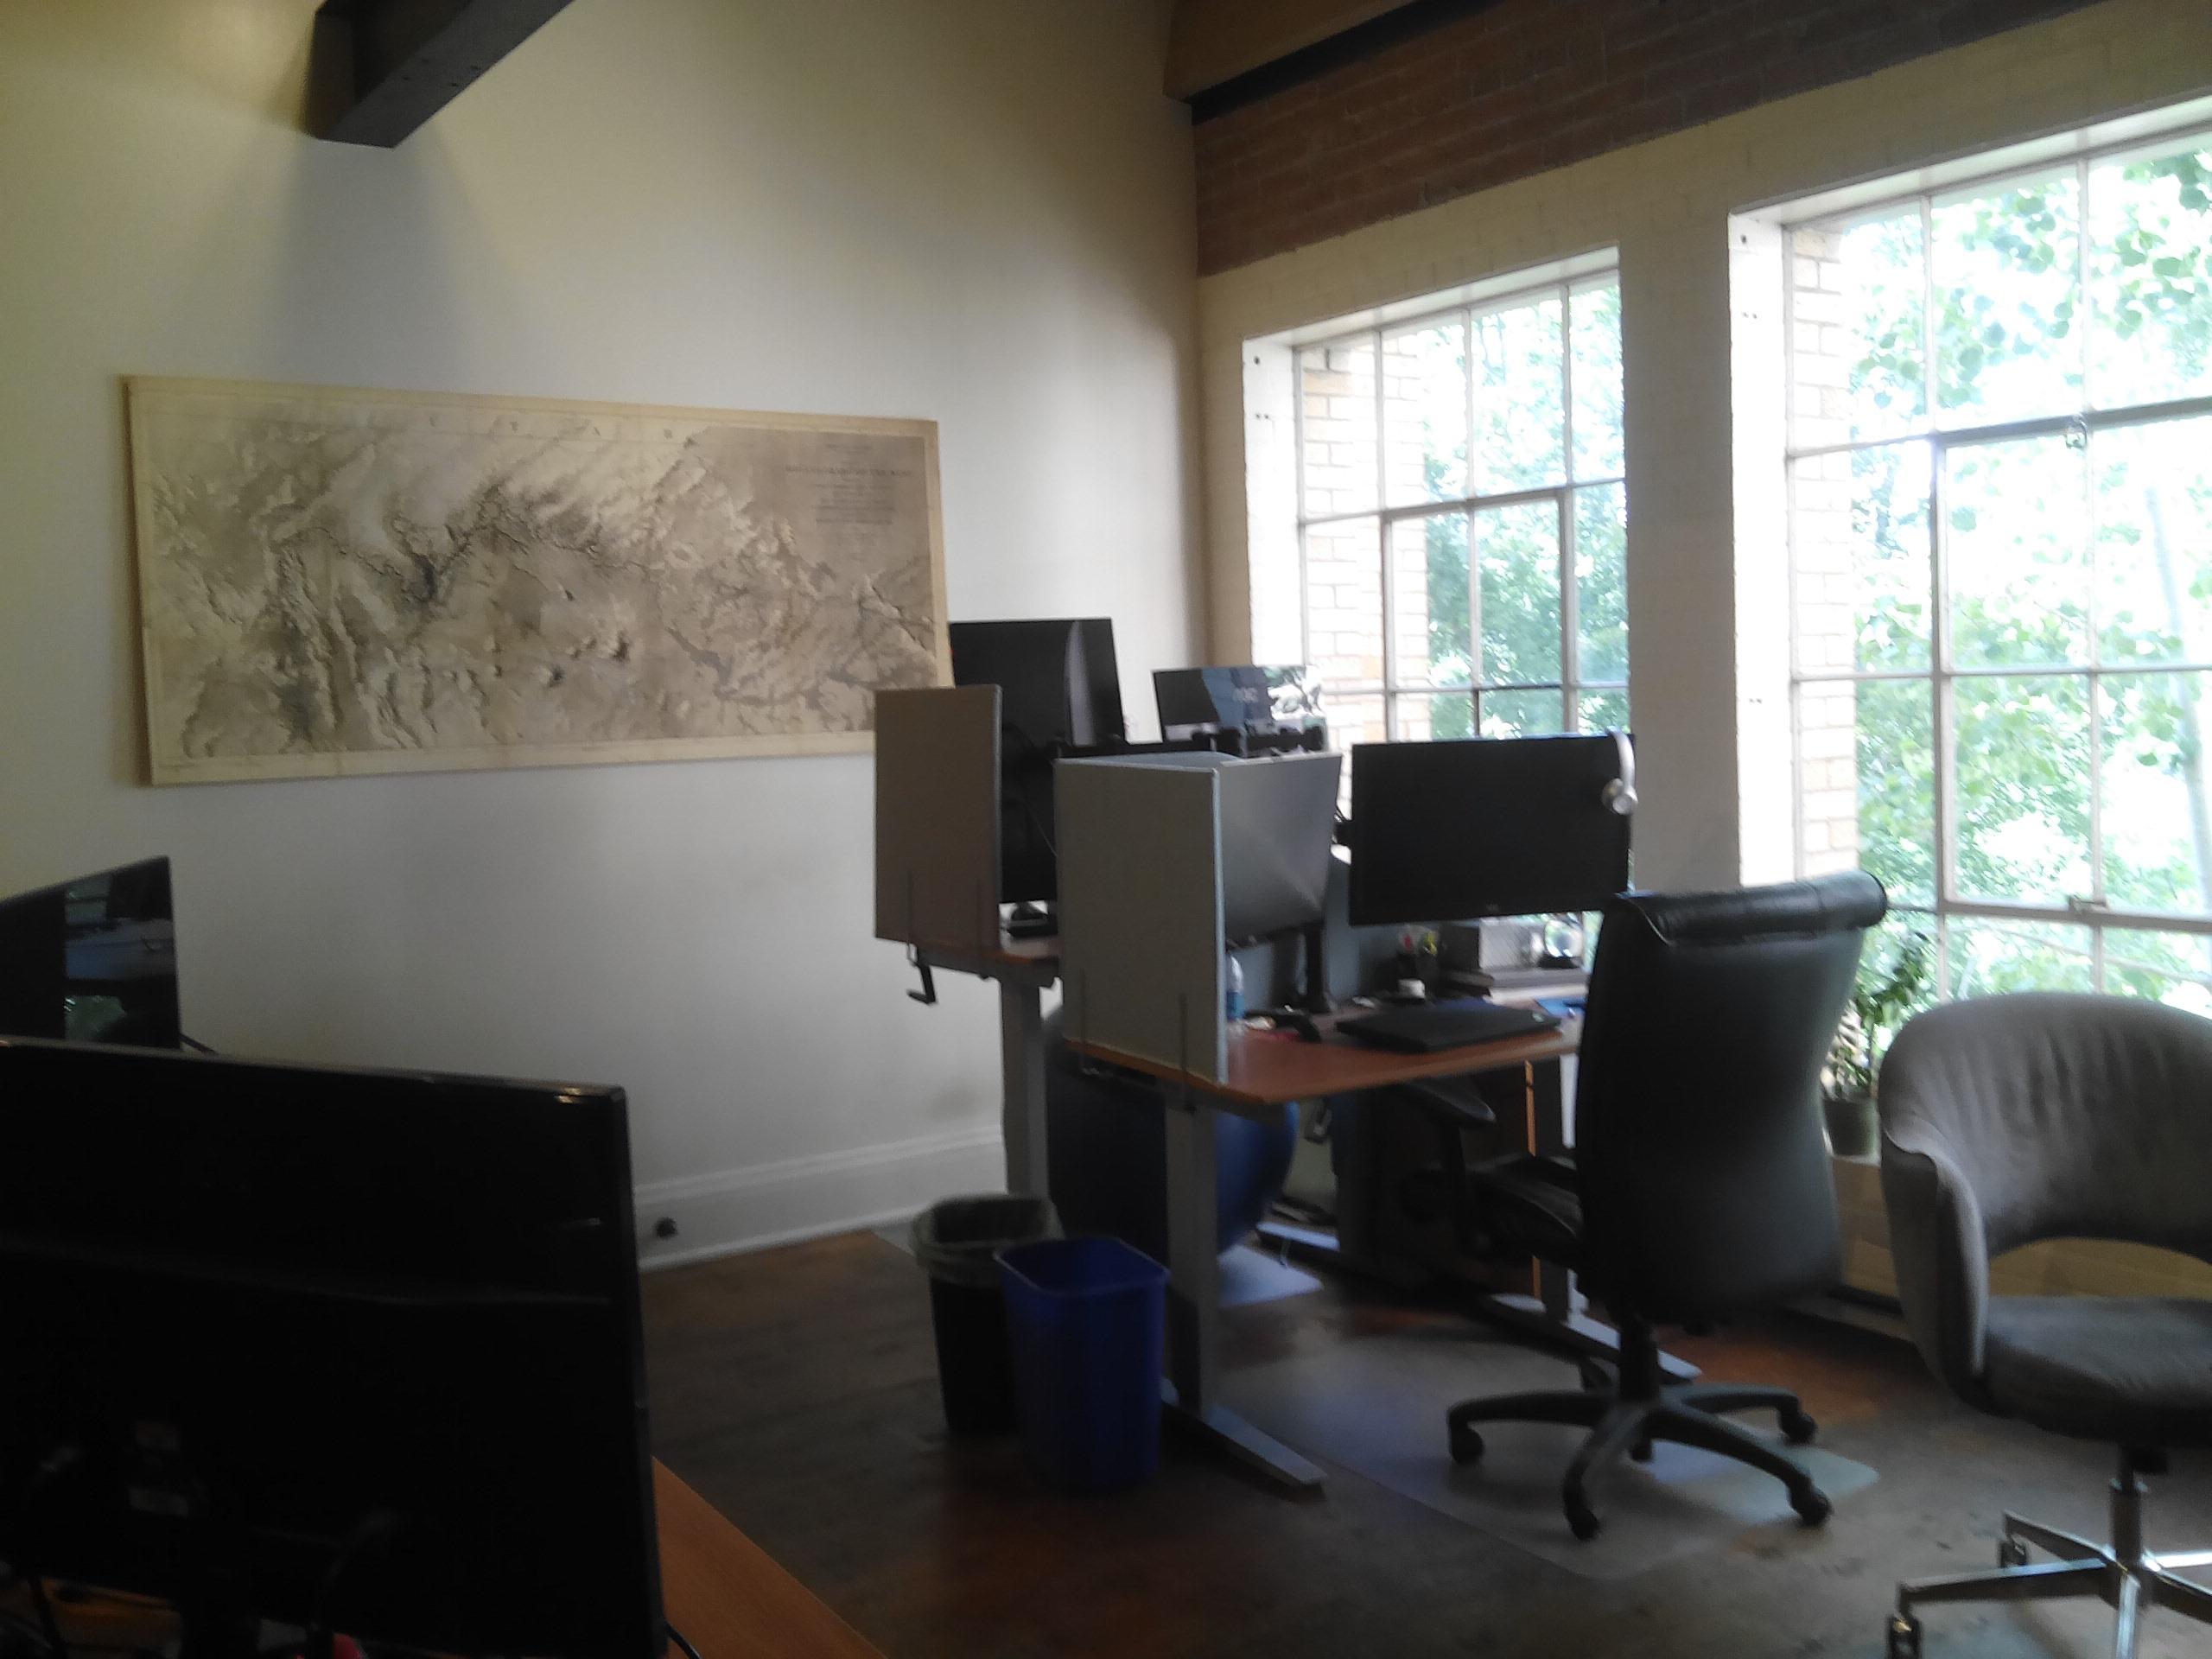 un exemple de bureau ici la plus grosse compagnie panneaux solaires de louest amricain. Black Bedroom Furniture Sets. Home Design Ideas